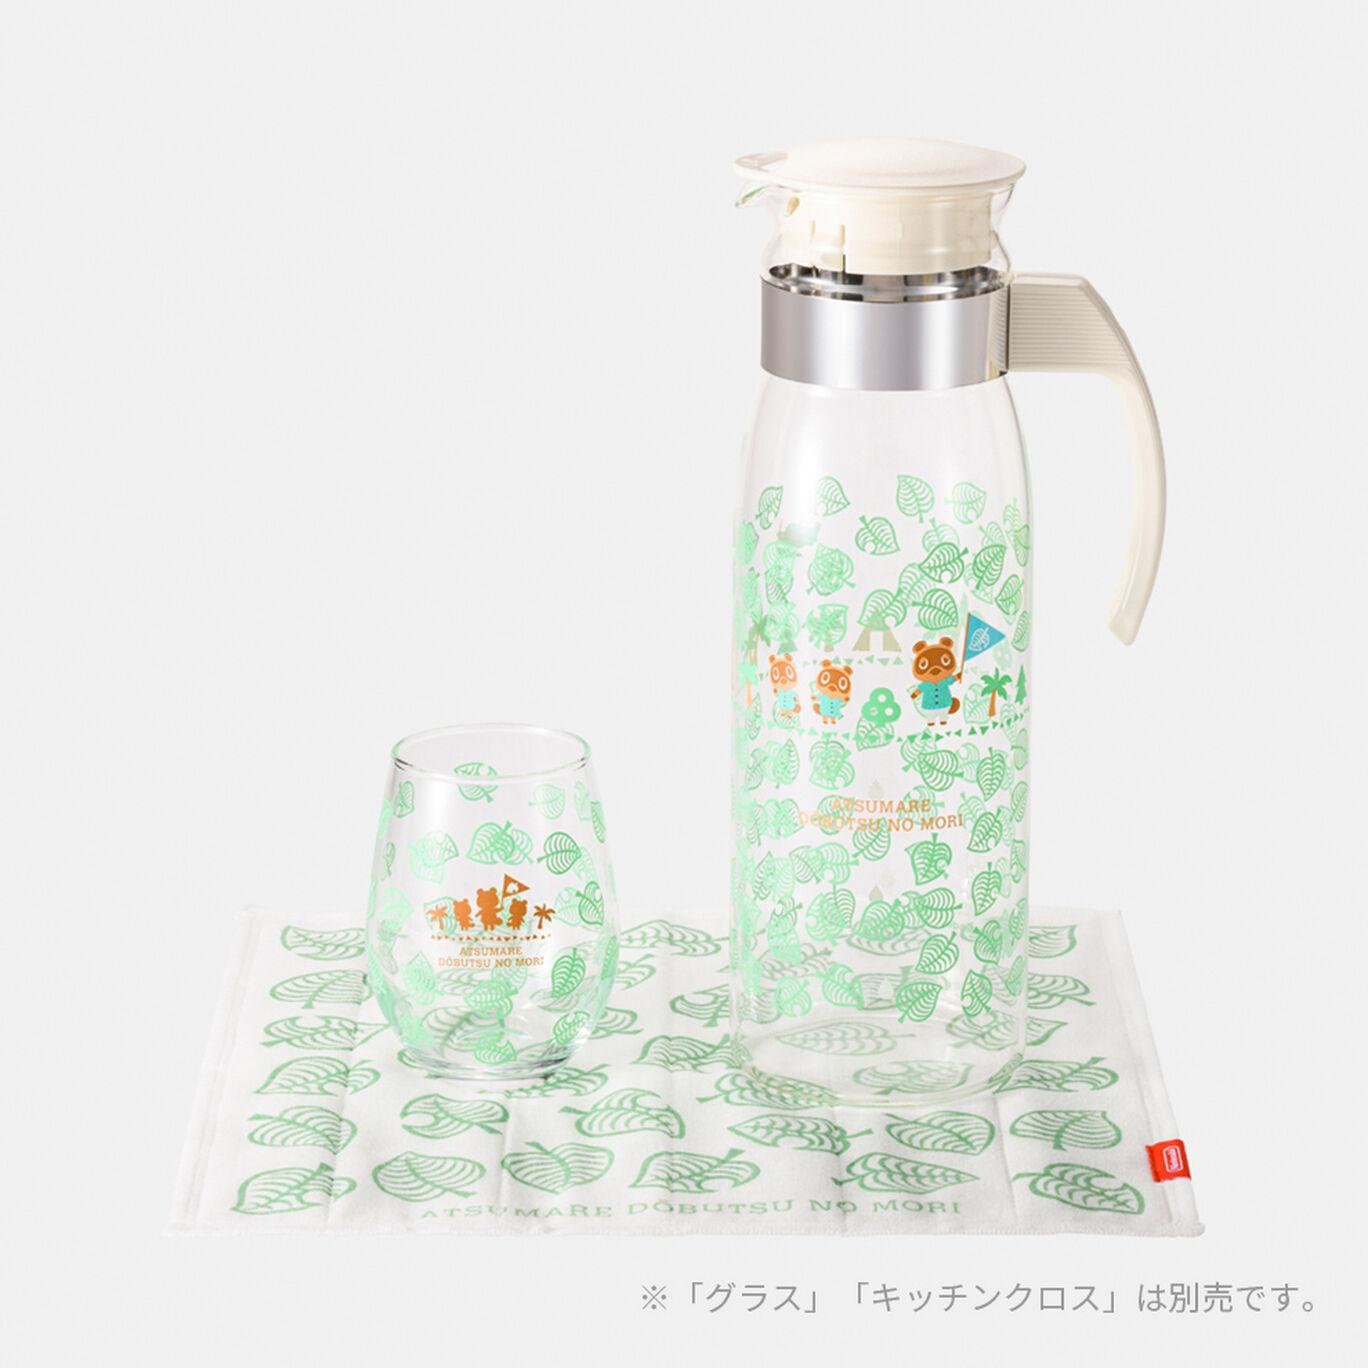 【新商品】ウォーターボトル あつまれ どうぶつの森【Nintendo TOKYO取り扱い商品】